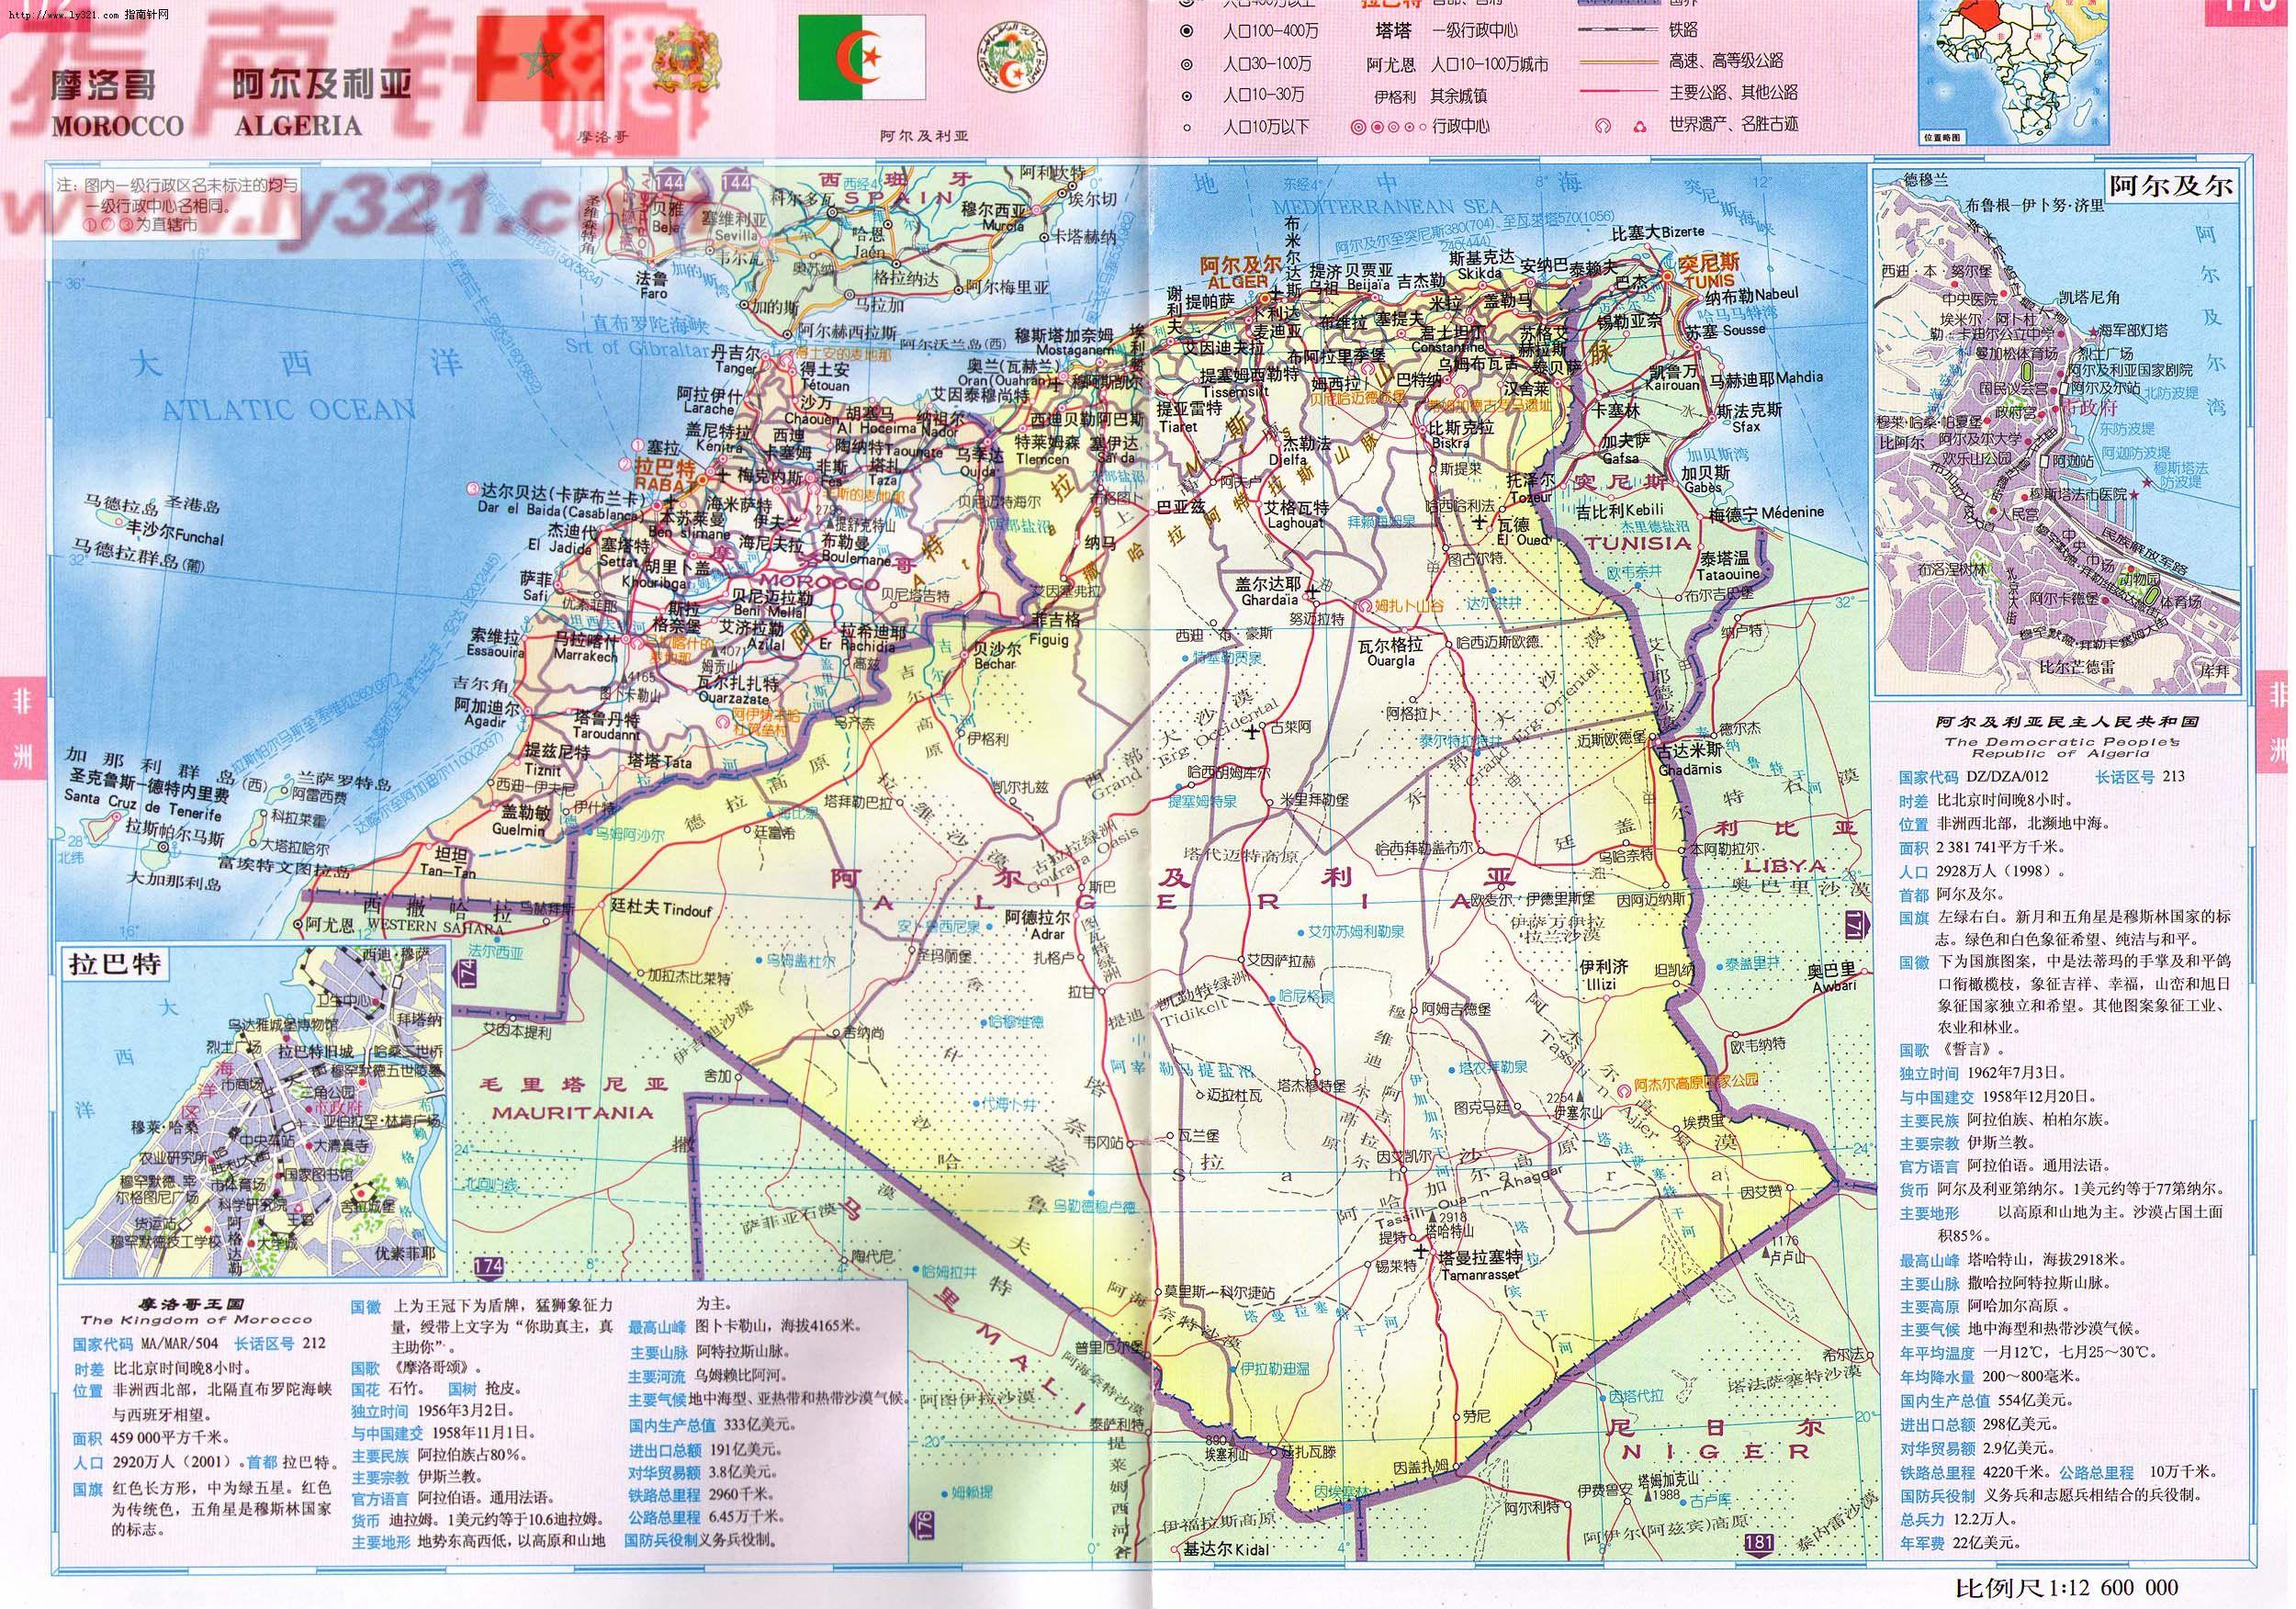 博茨瓦纳地图_阿尔及利亚地图_阿尔及利亚地图库_地图窝